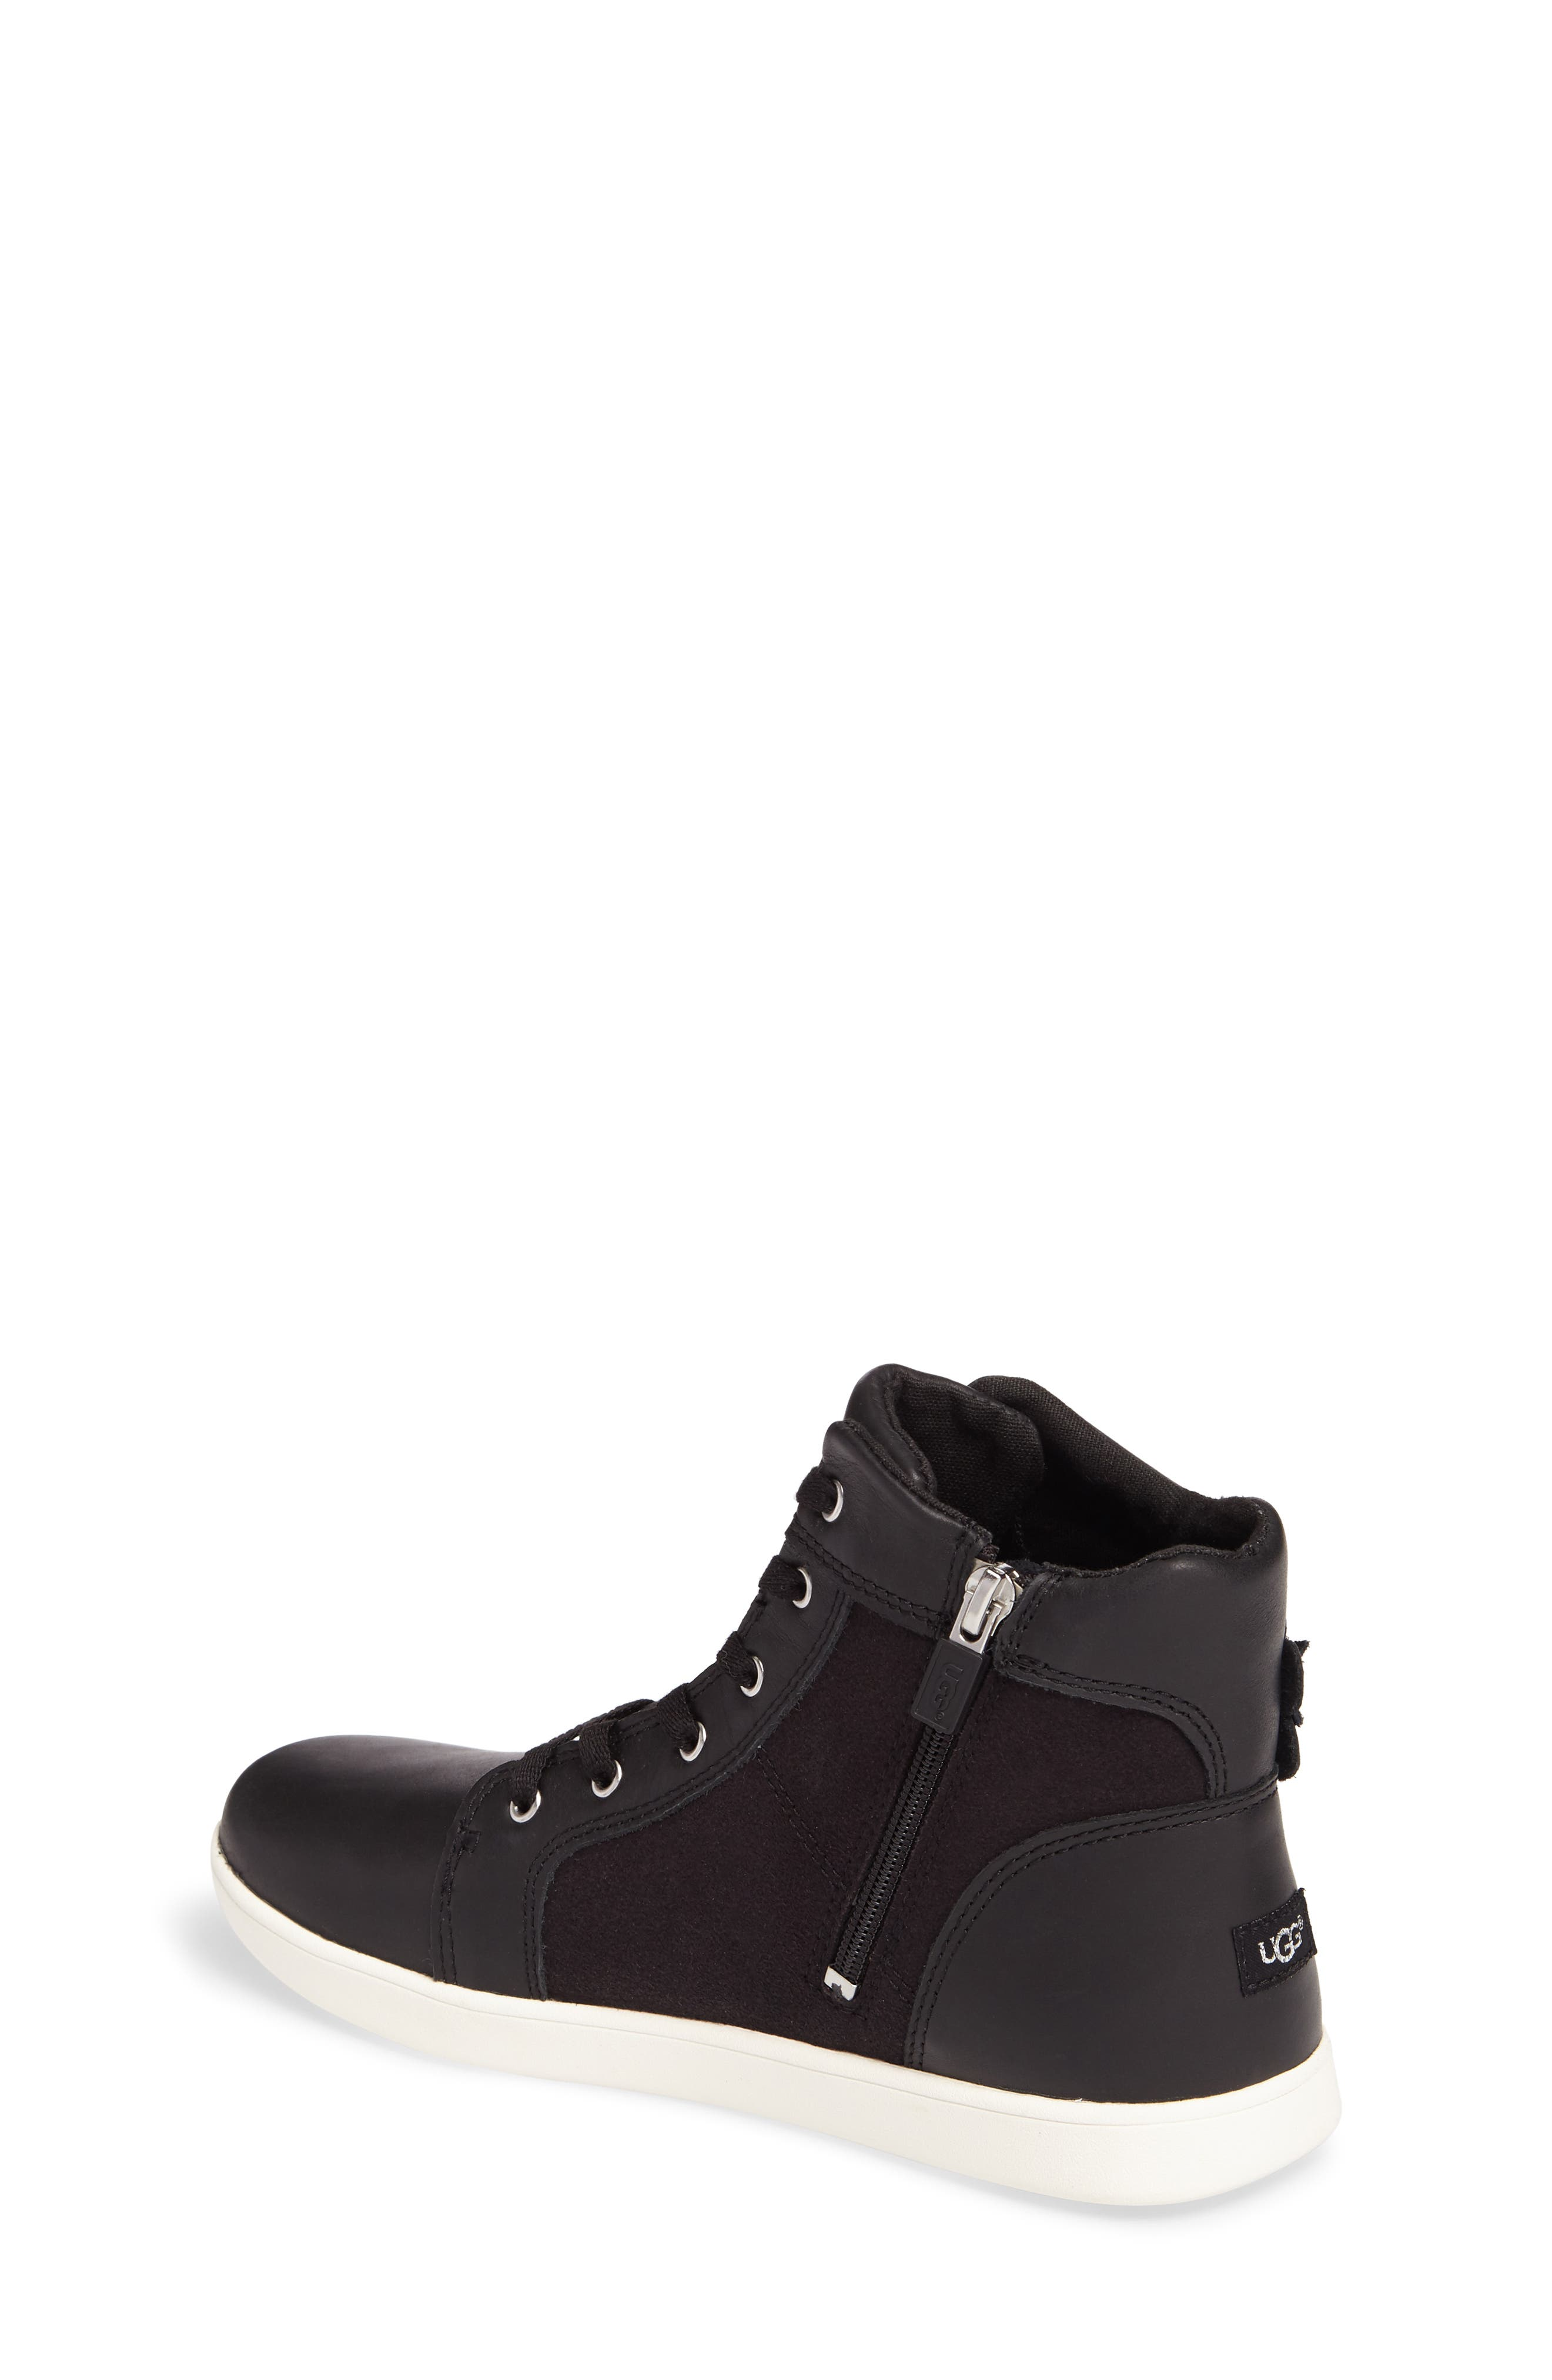 Schyler Petal Embellished High Top Sneaker,                             Alternate thumbnail 2, color,                             001